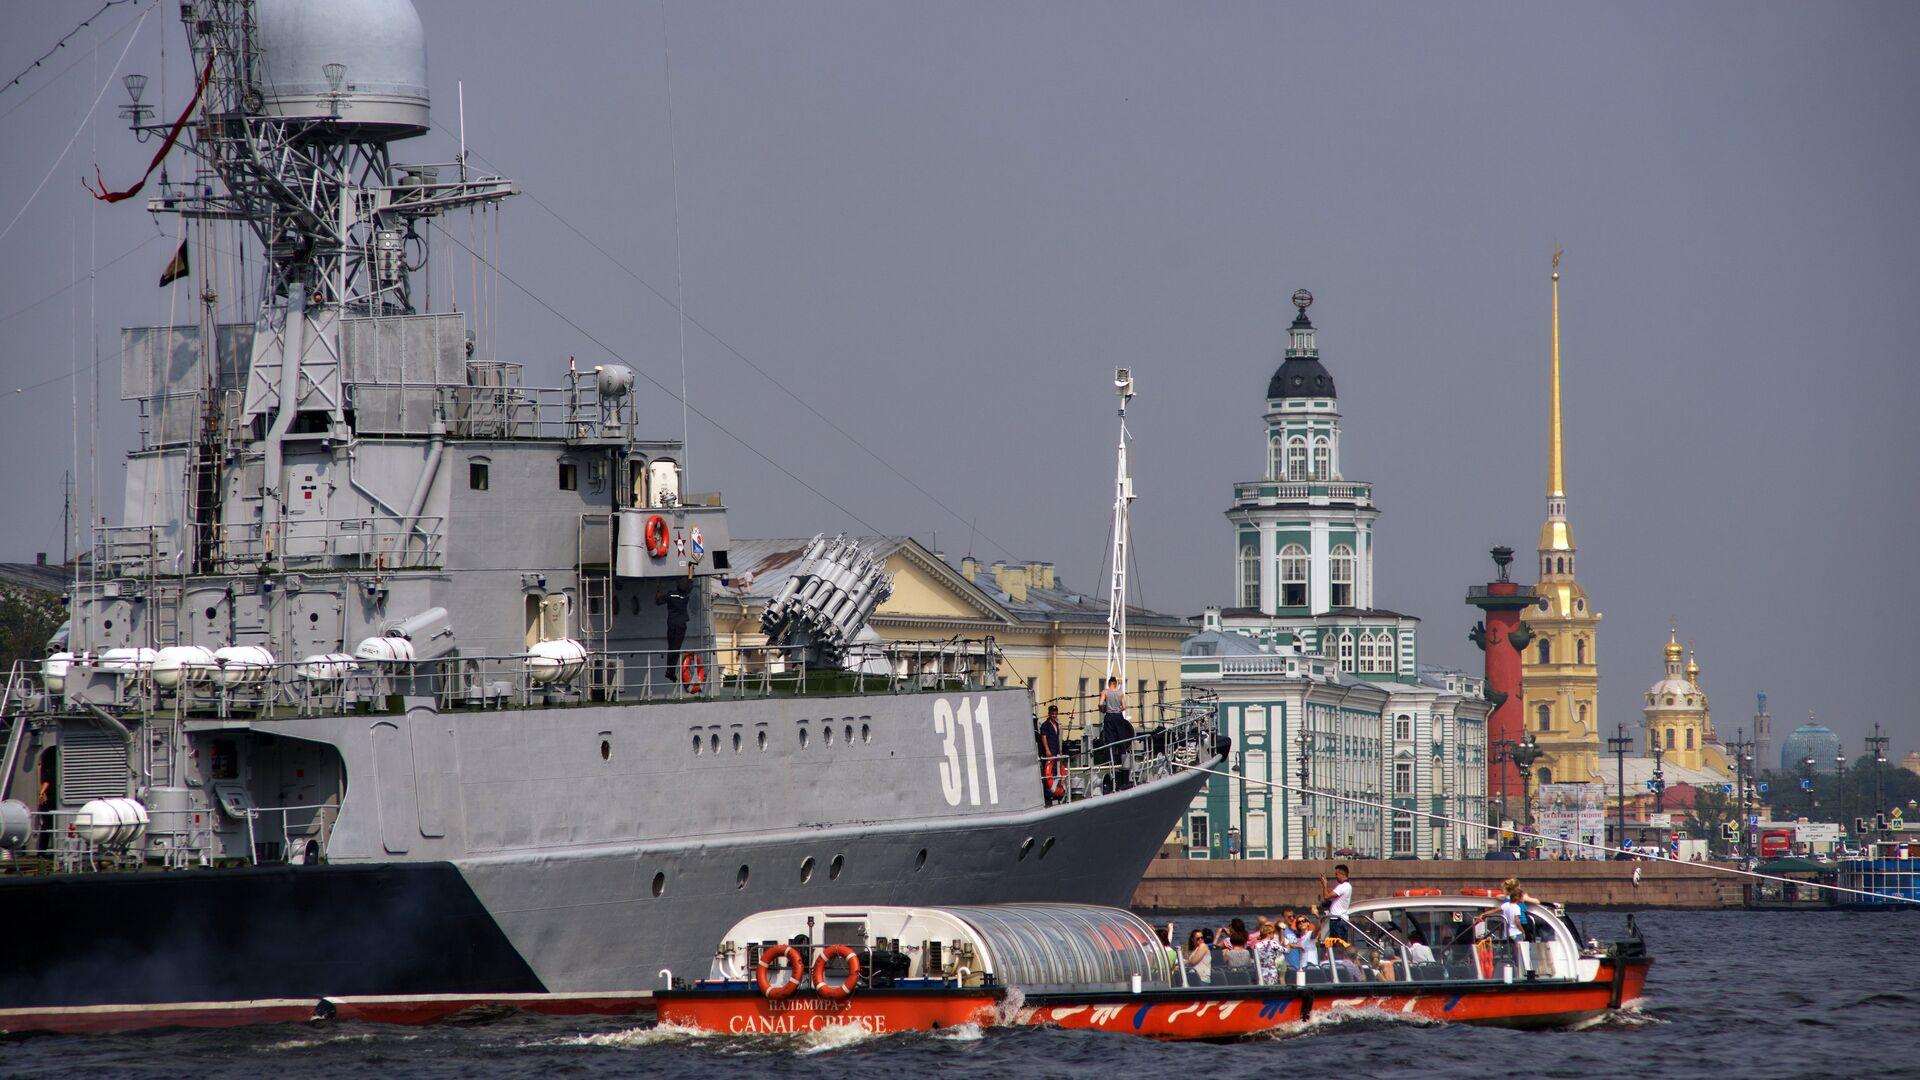 Малый противолодочный корабль Казанец в акватории реки Невы - РИА Новости, 1920, 23.09.2020